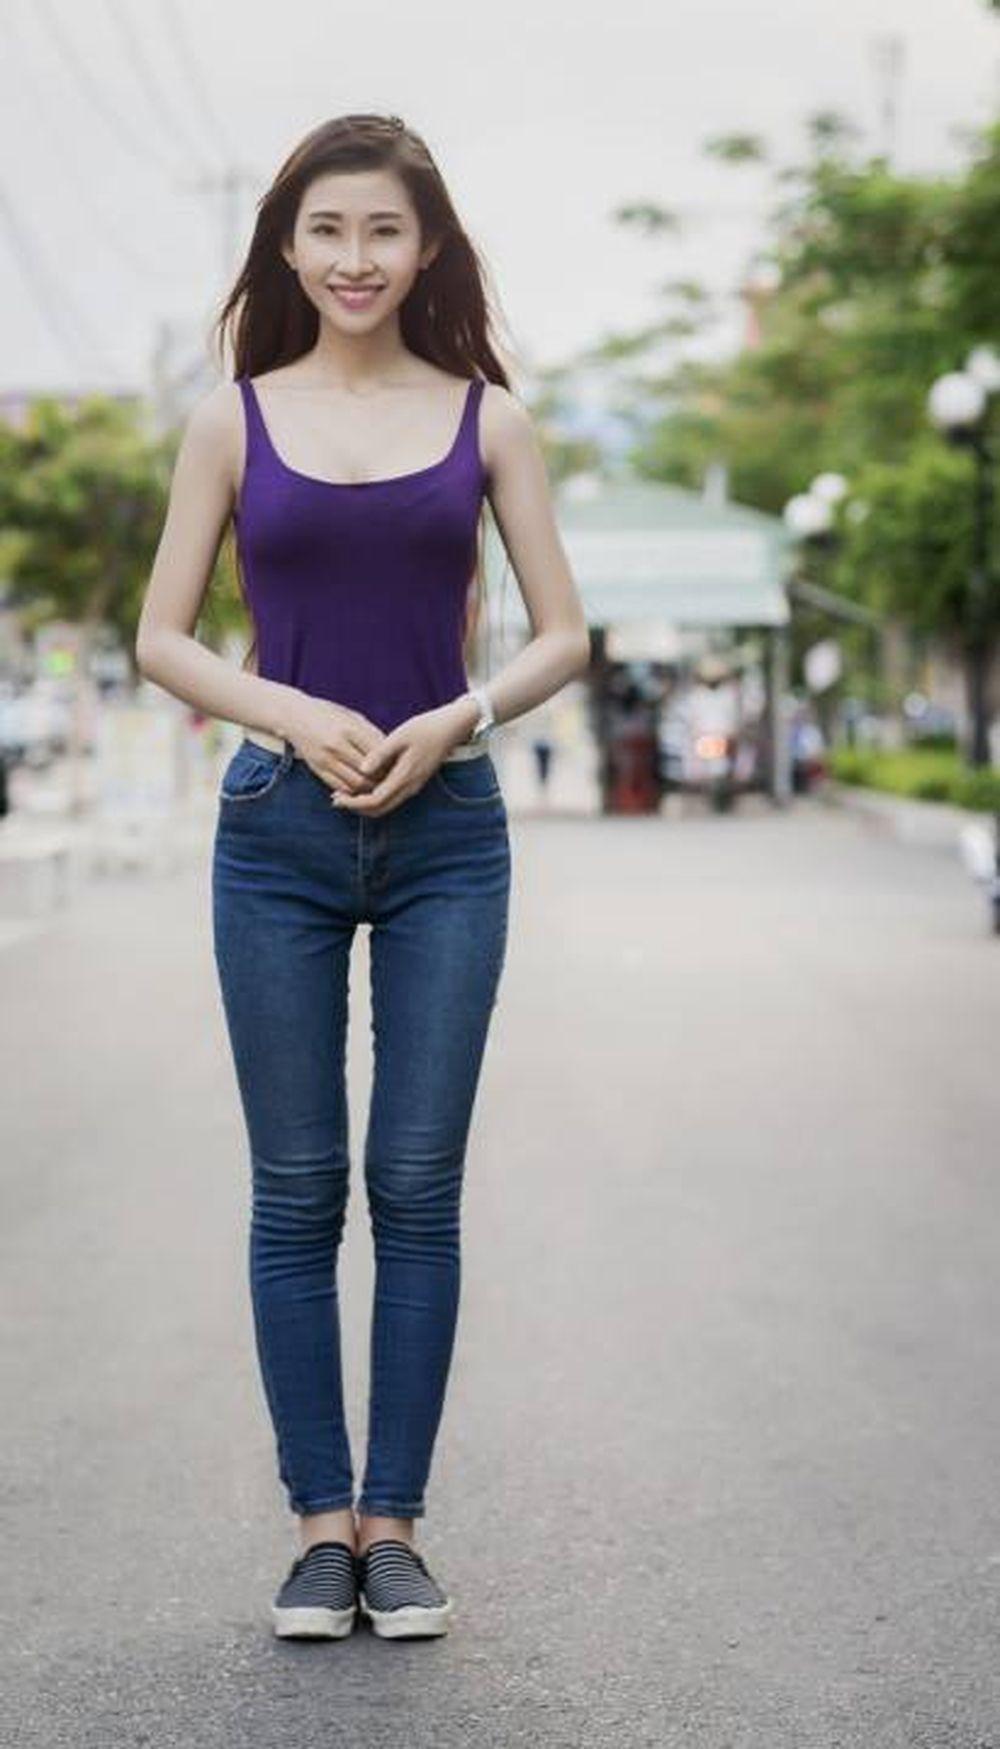 9X Sài thành ngực khủng cực quyến rũ cùng với vòng eo nuột nà mà nhiều cô  gái trẻ mơ ước. Sở hữu chiều cao 1m70, vòng eo 58cm, ...